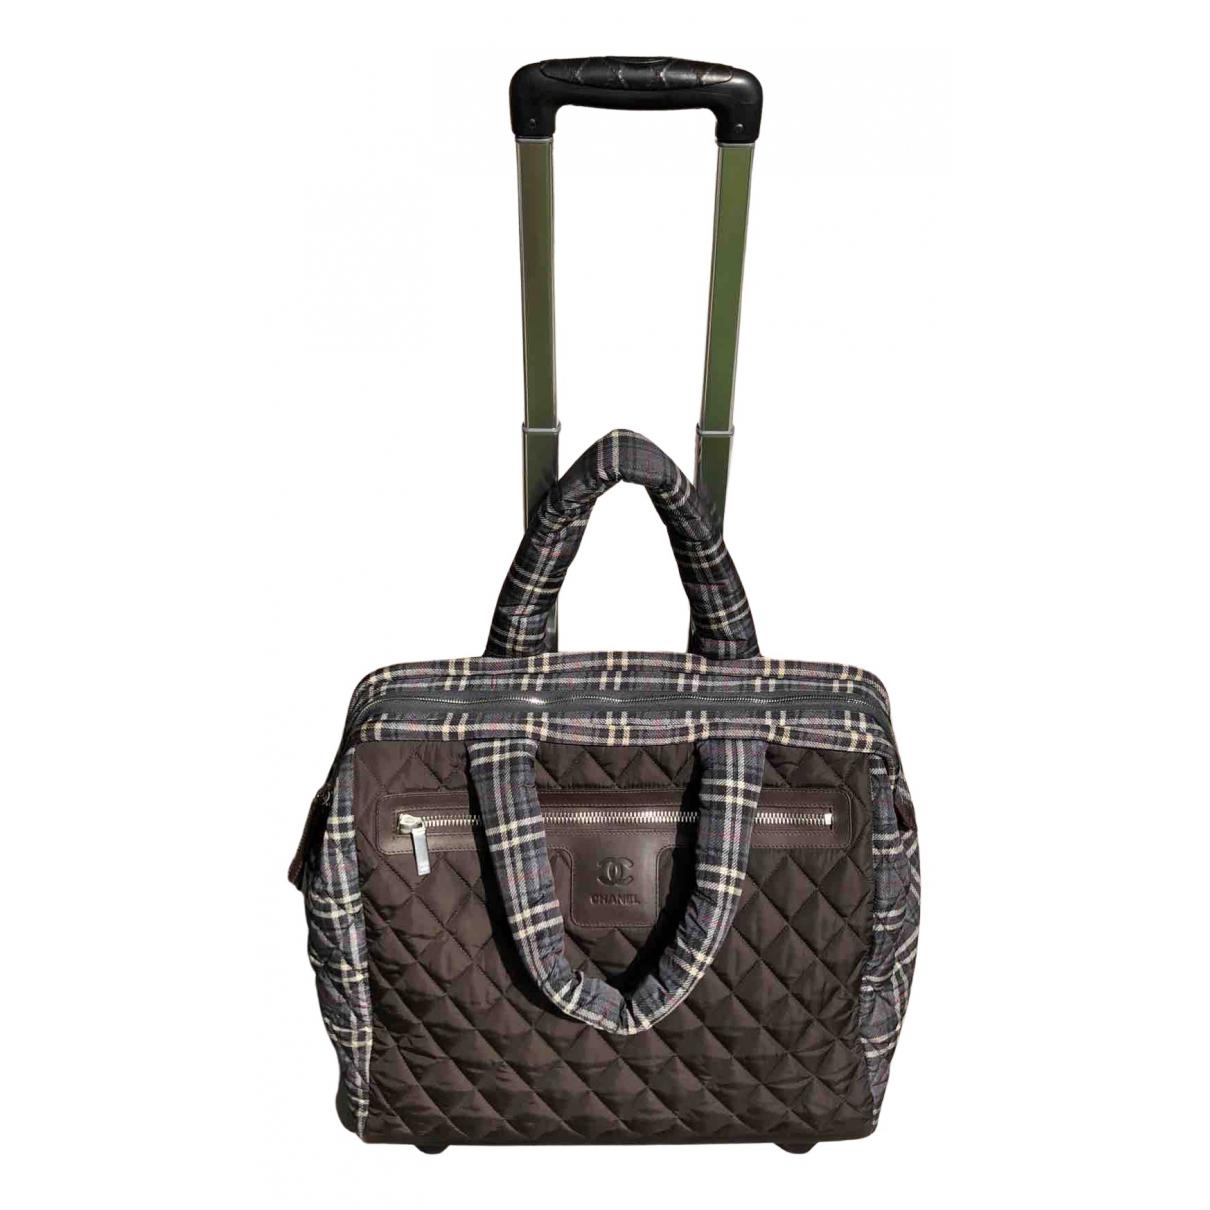 Chanel - Sac de voyage Coco Cocoon pour femme en toile - marron